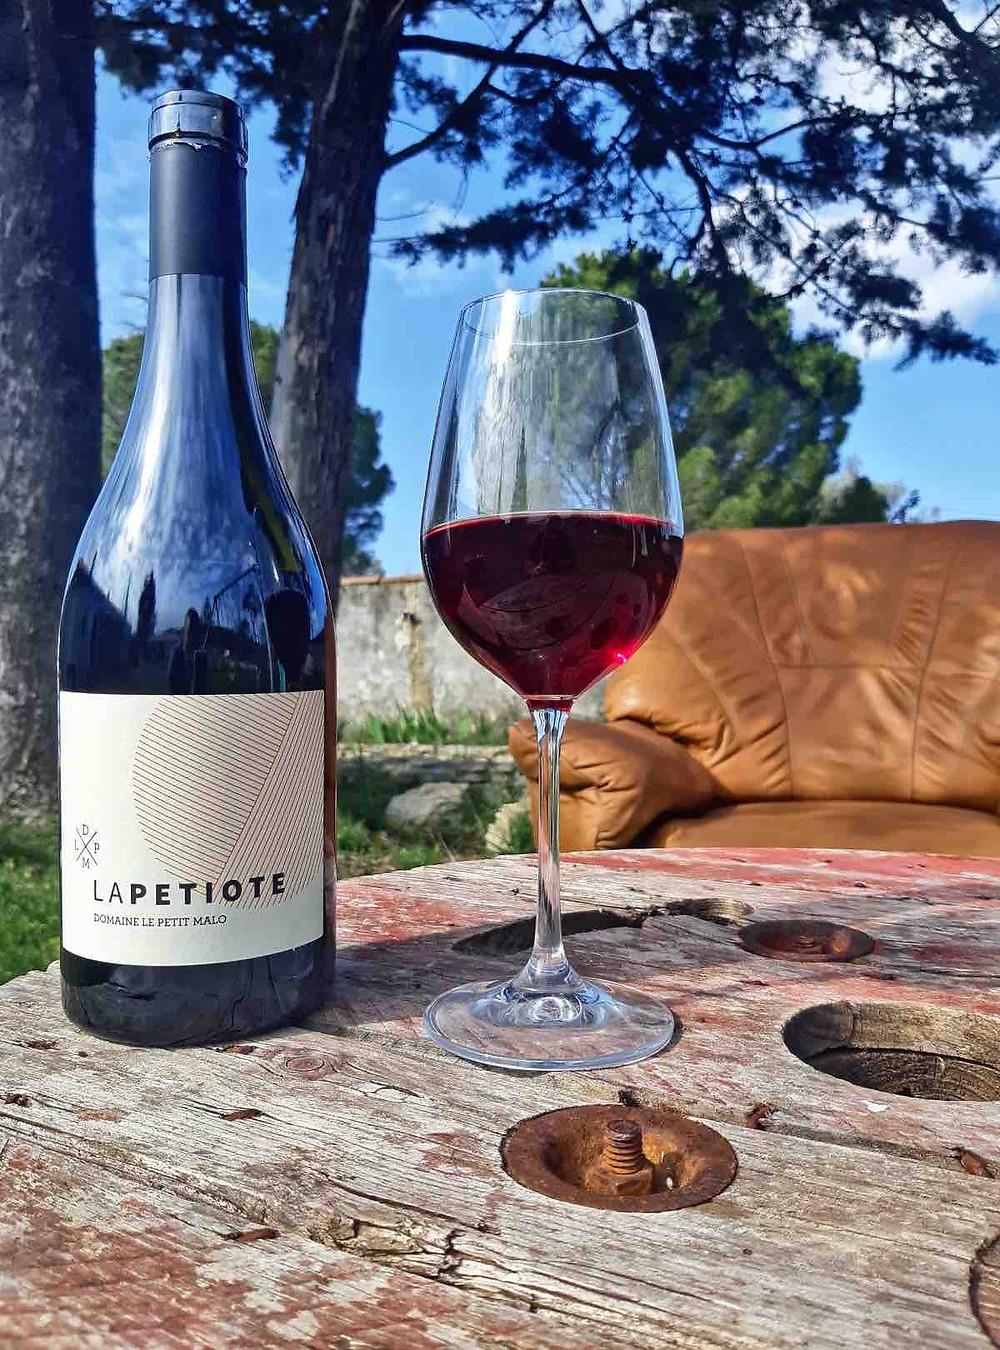 Le Domaine Le Petit Malo est situé dans le village de Bourdic (Gard) à la frontière entre le vignoble de la Vallée du Rhône et celui du Languedoc. À la fois sur l'appellation Pays d'Oc, IGP Cévennes et Celle du « Duché d'Uzès » Olivier Valence a choisi cette dernière pour ces vins. Un des critères du « Duché d'Uzès » est de faire des vins d'assemblage, alors « La Petiote » avec son 100 % Grenache ne peut prétendre à l'appellation et se retrouve en Vin de France.  Avec un rendement à 30 hectolitres à l'hectare sur des vignes de plus de 70 ans (certainement un de leur dernier millésime), ce vin est élevé 10 mois en barrique.